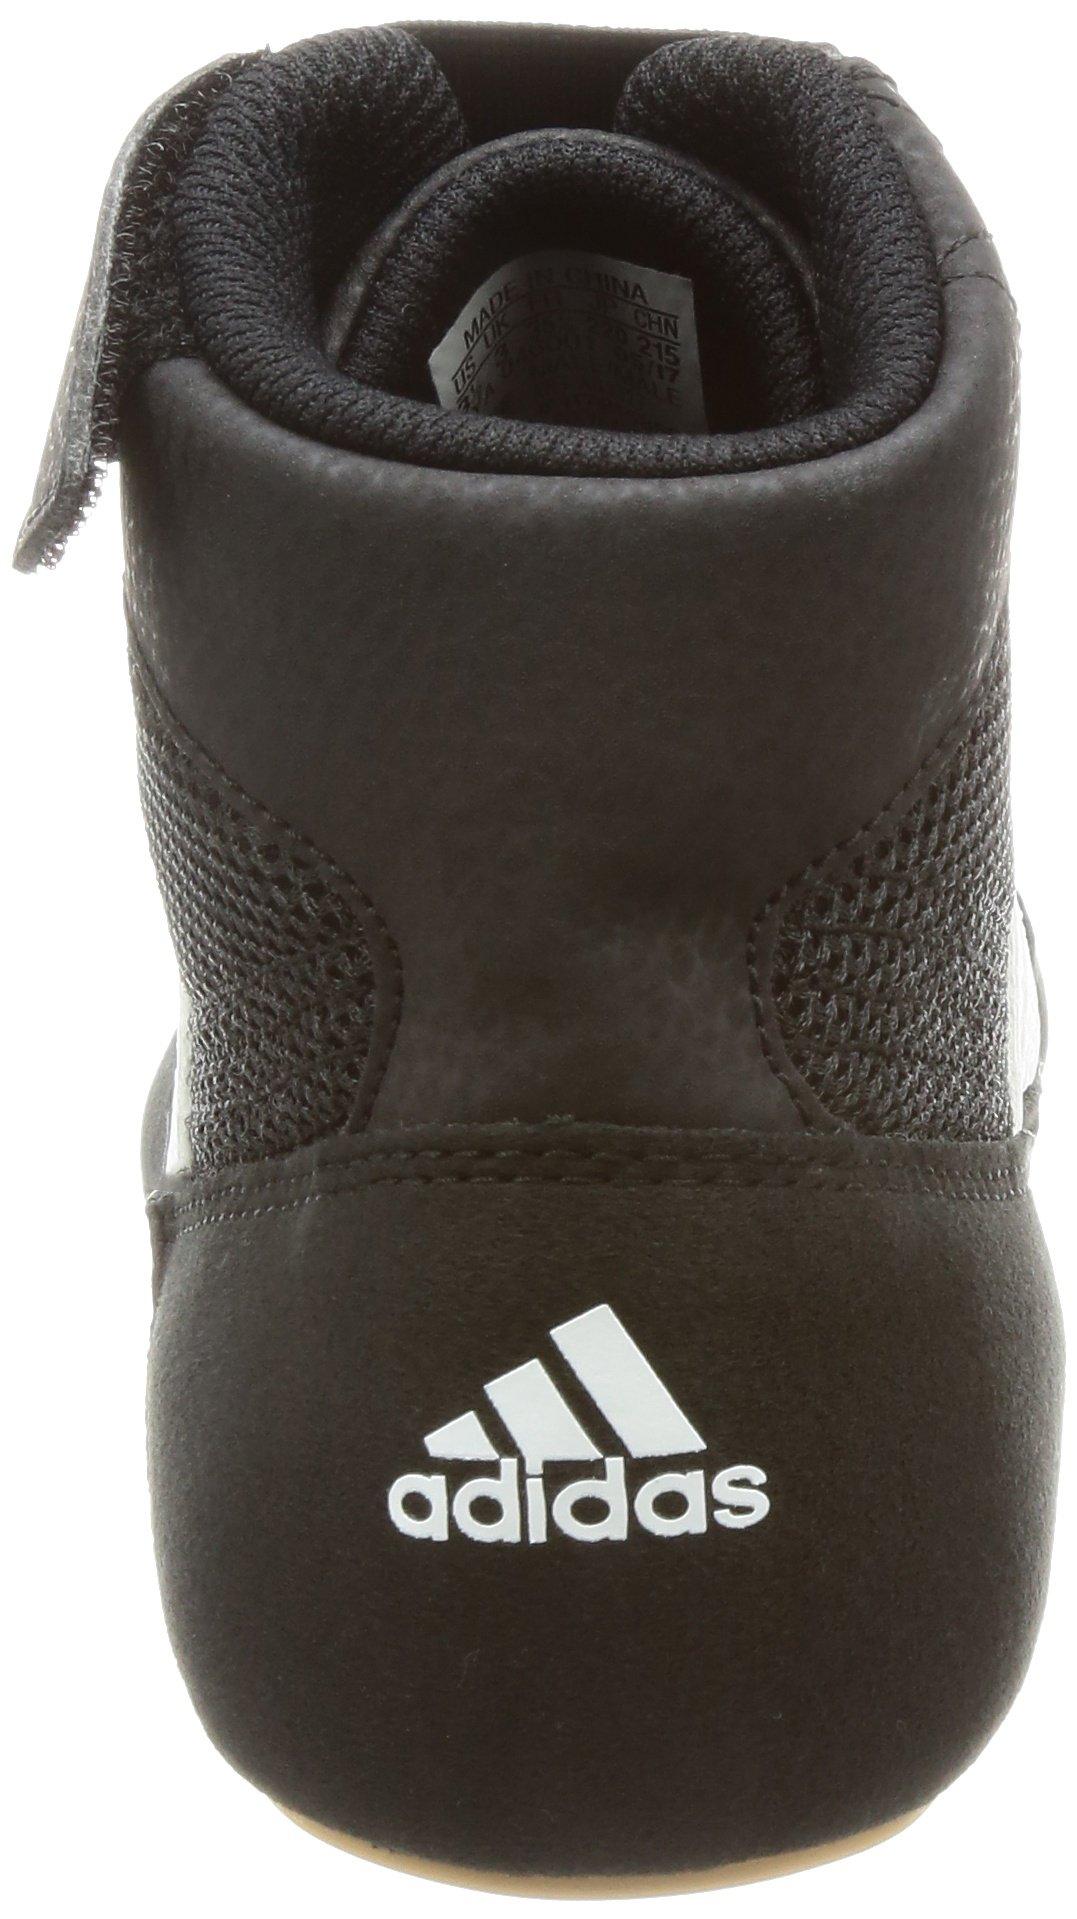 HommeNoirblancTaille Adidas Adidas Hvc Chaussure Hvc 27 Chaussure PZkXuOi